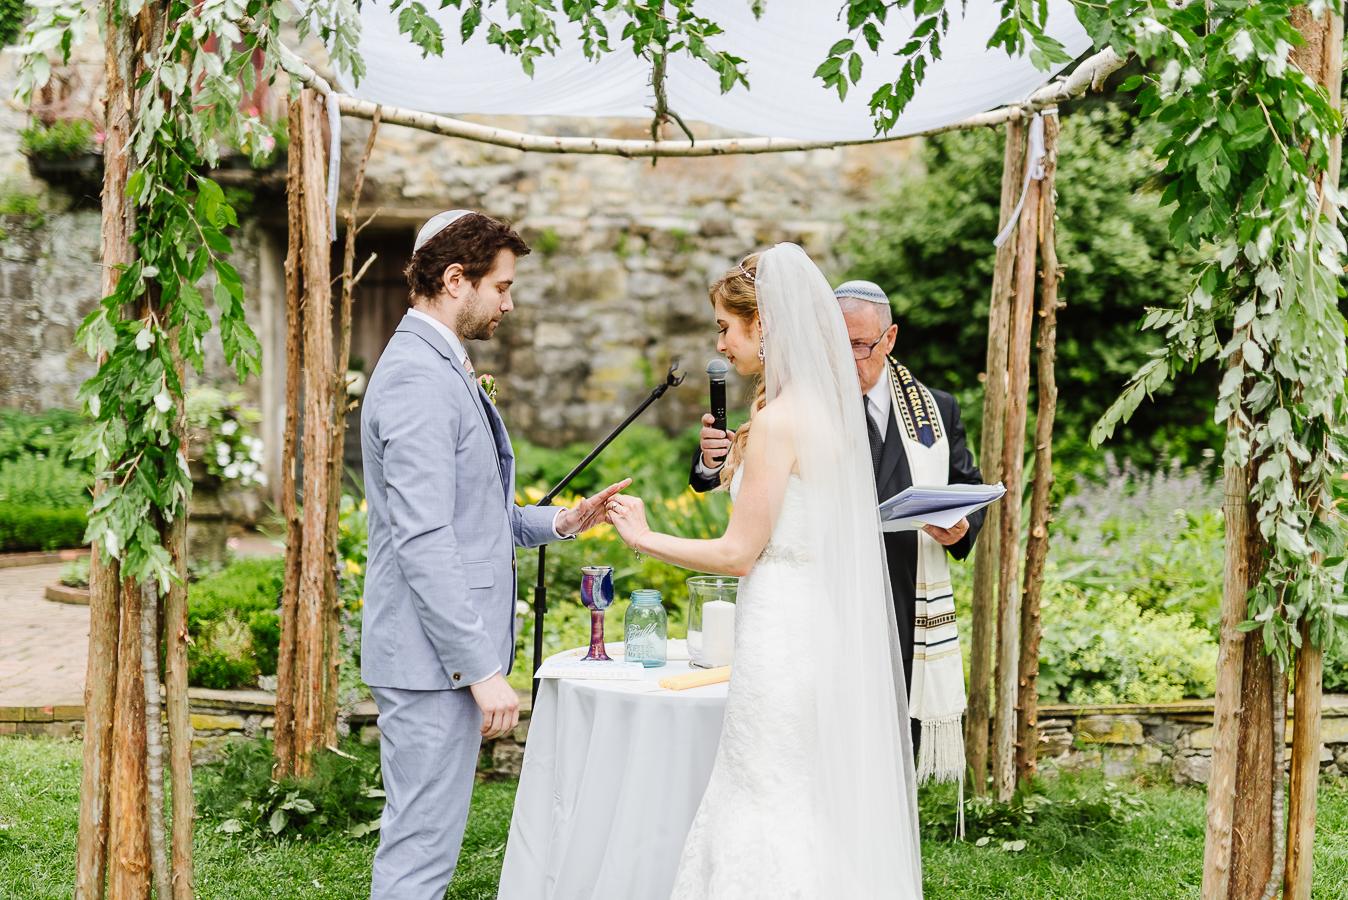 Stylish Crossed Keys Inn Wedding Crossed Keys Wedding Crossed Keys Inn Andover NJ Longbrook Photography-45.jpg